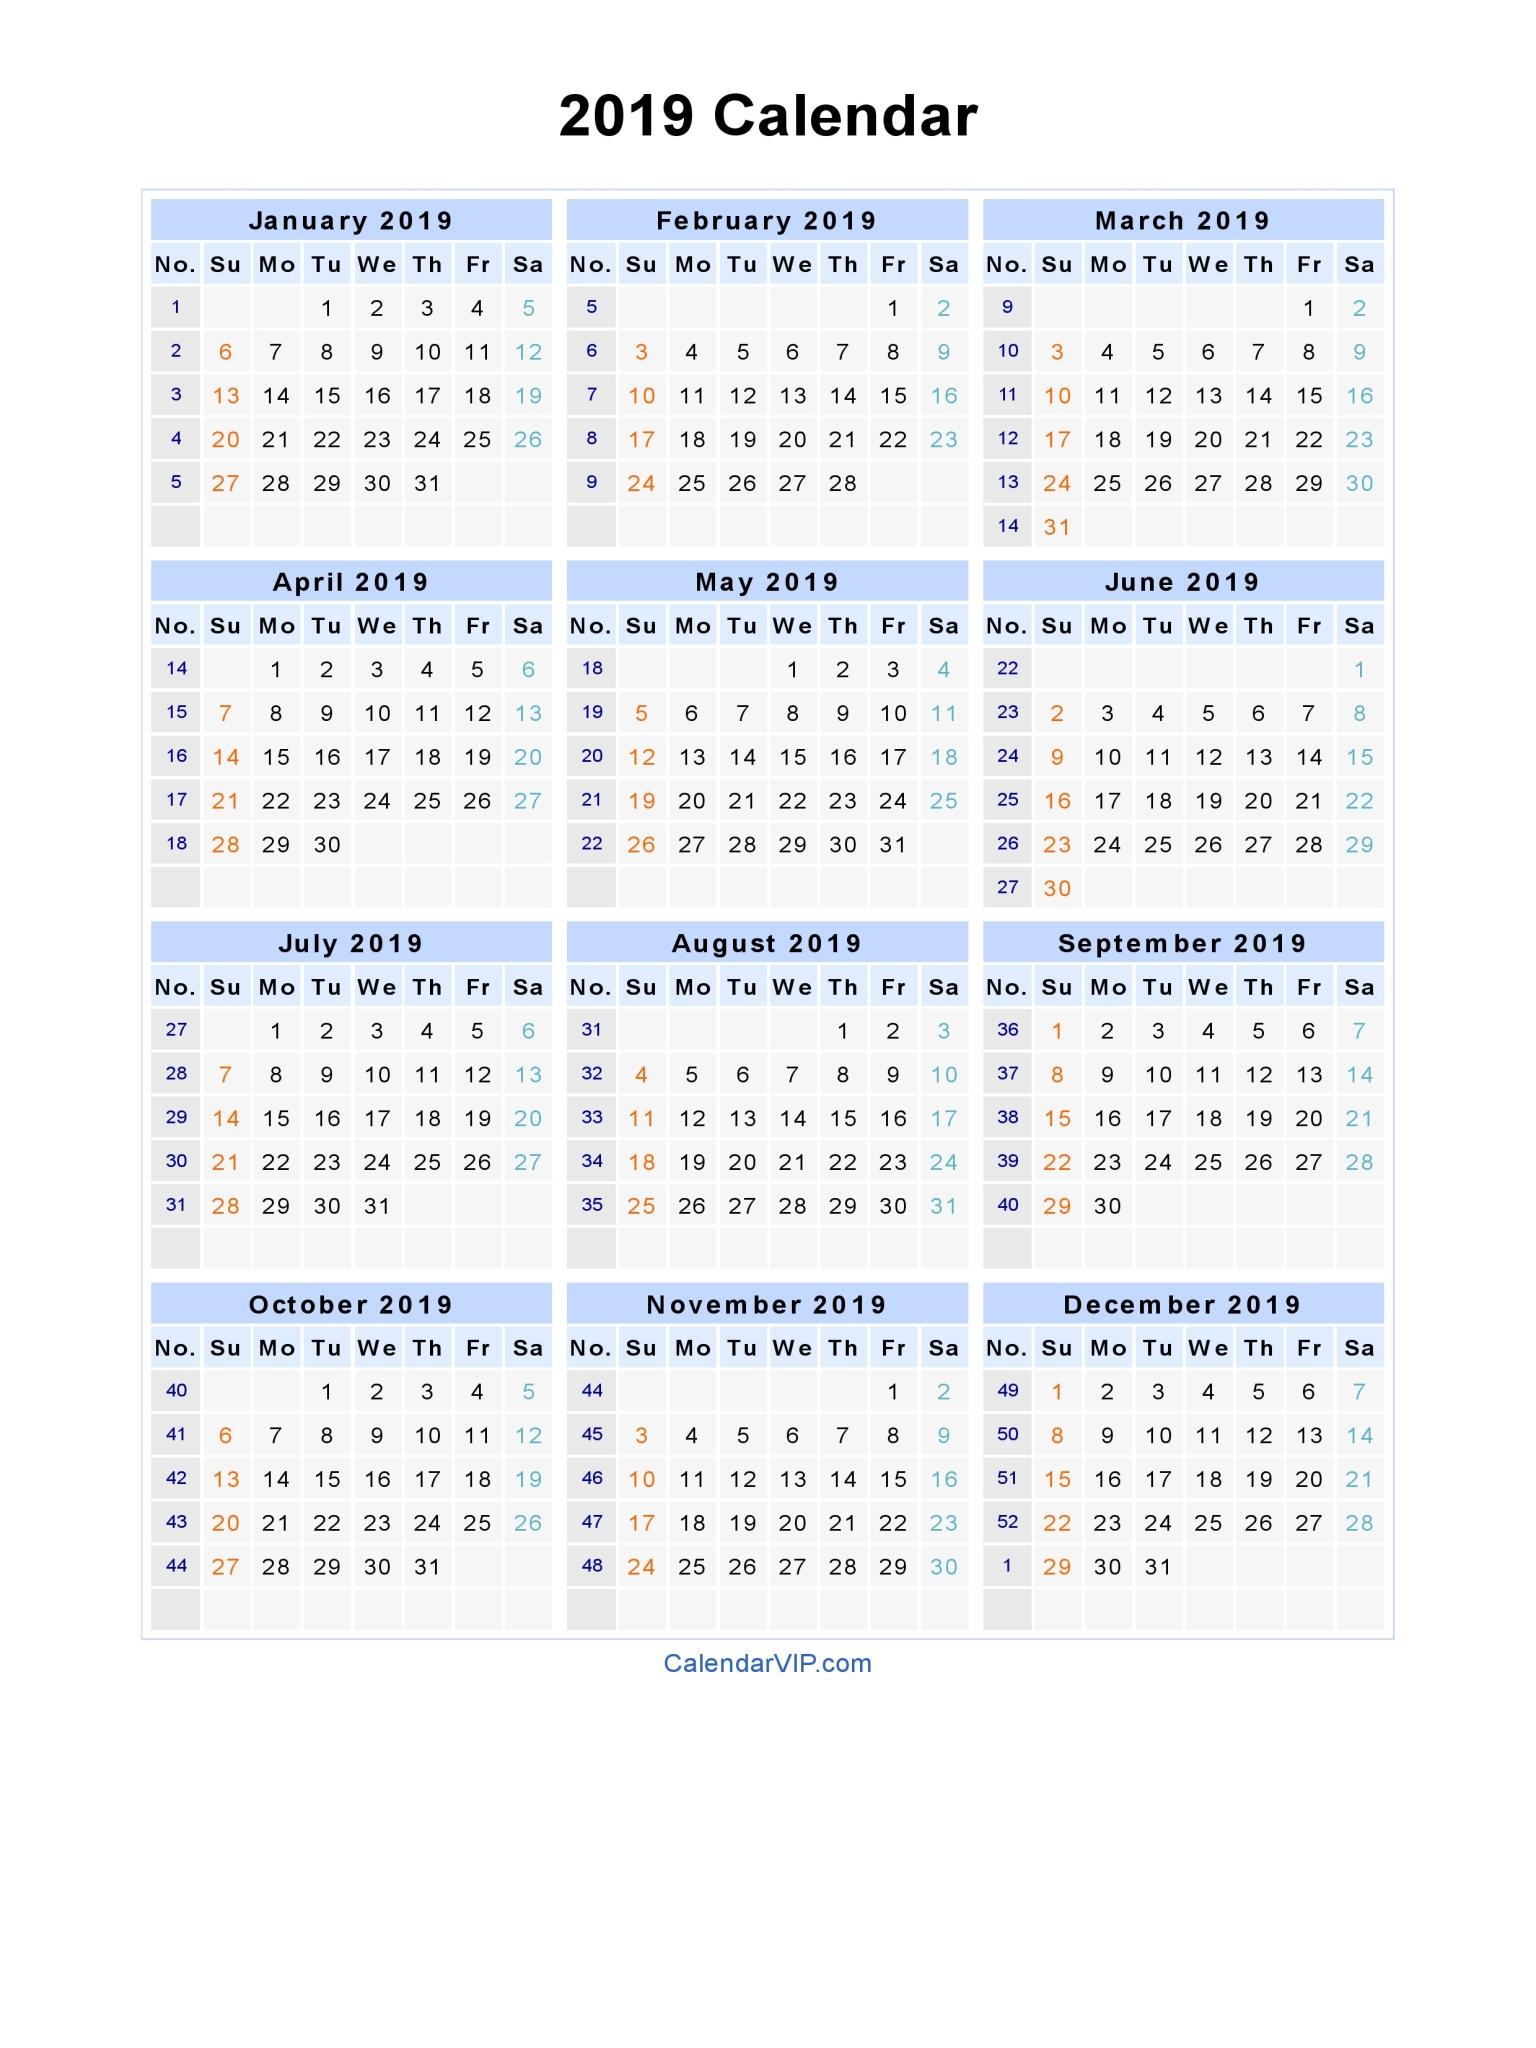 2019 Calendar - Blank Printable Calendar Template In Pdf Word Excel regarding Word Calendar Template Excel